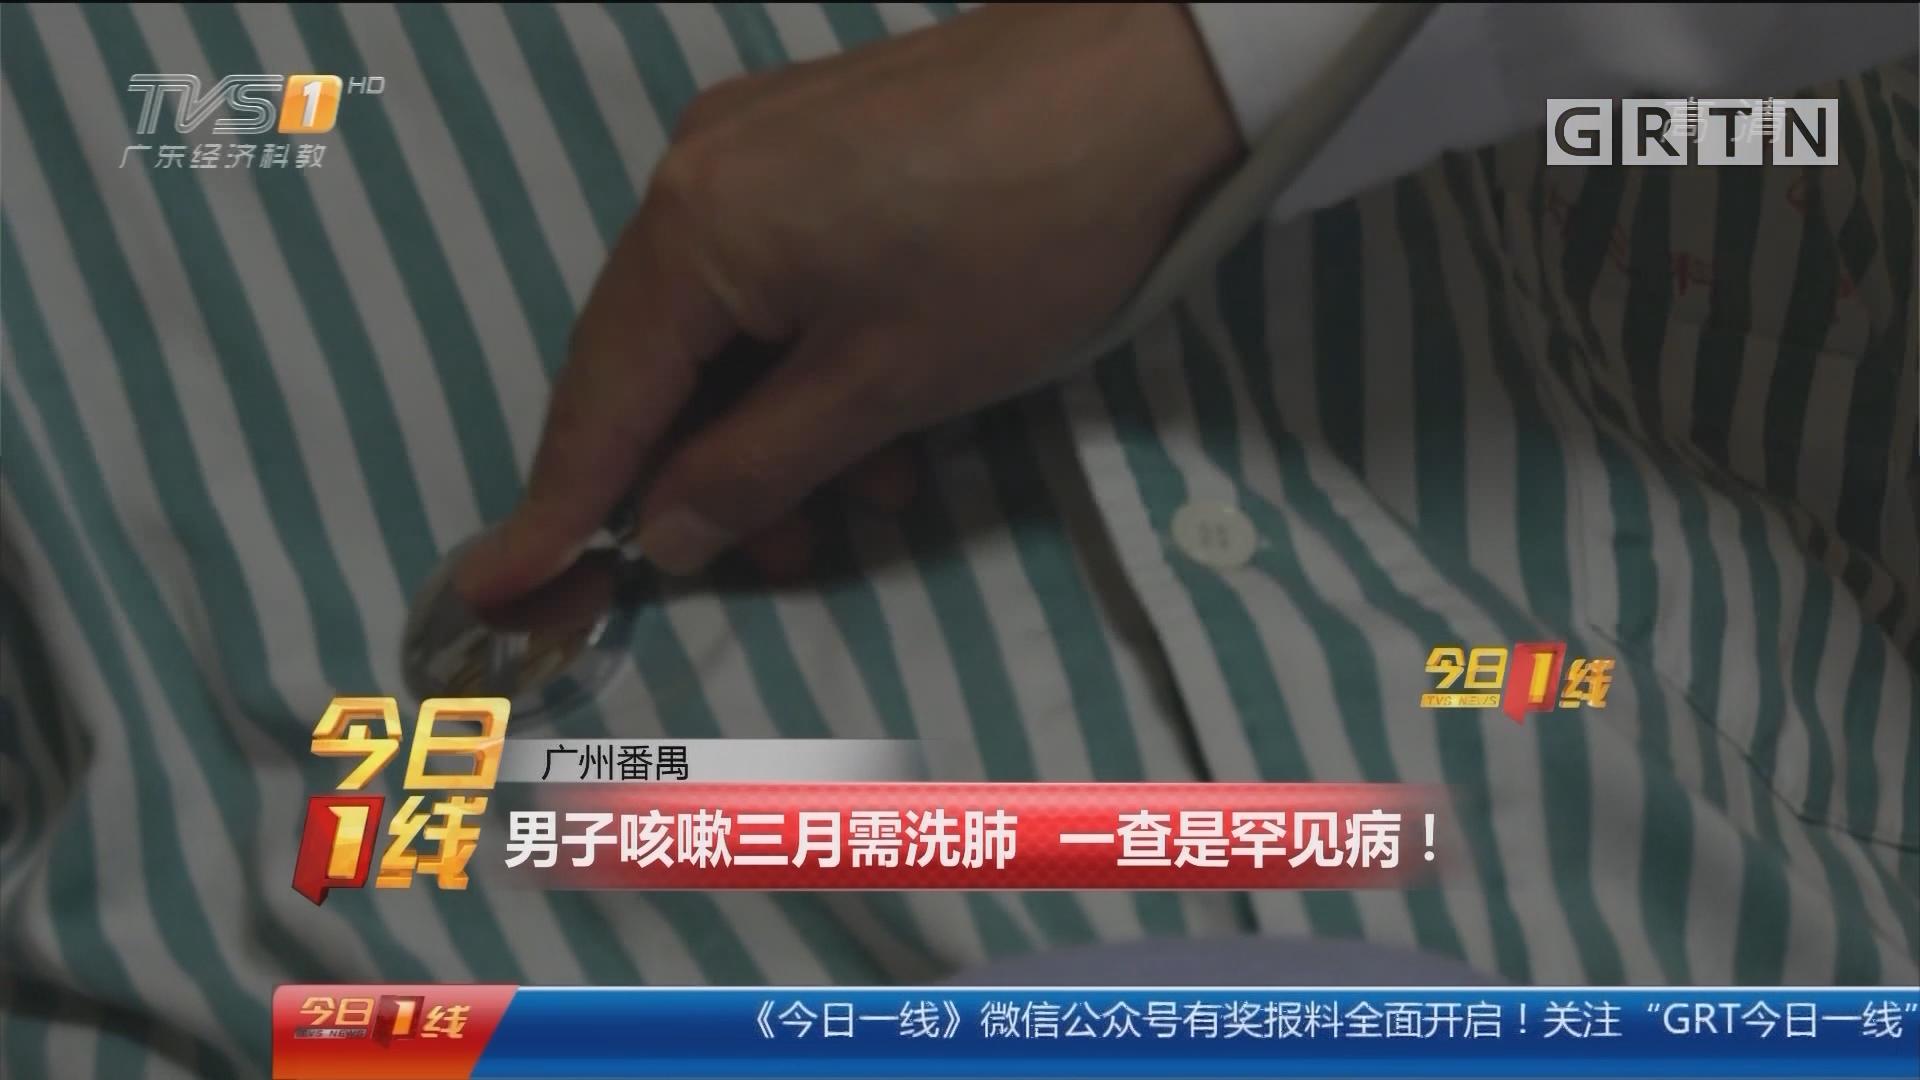 广州番禺:男子咳嗽三月需洗肺 一查是罕见病!